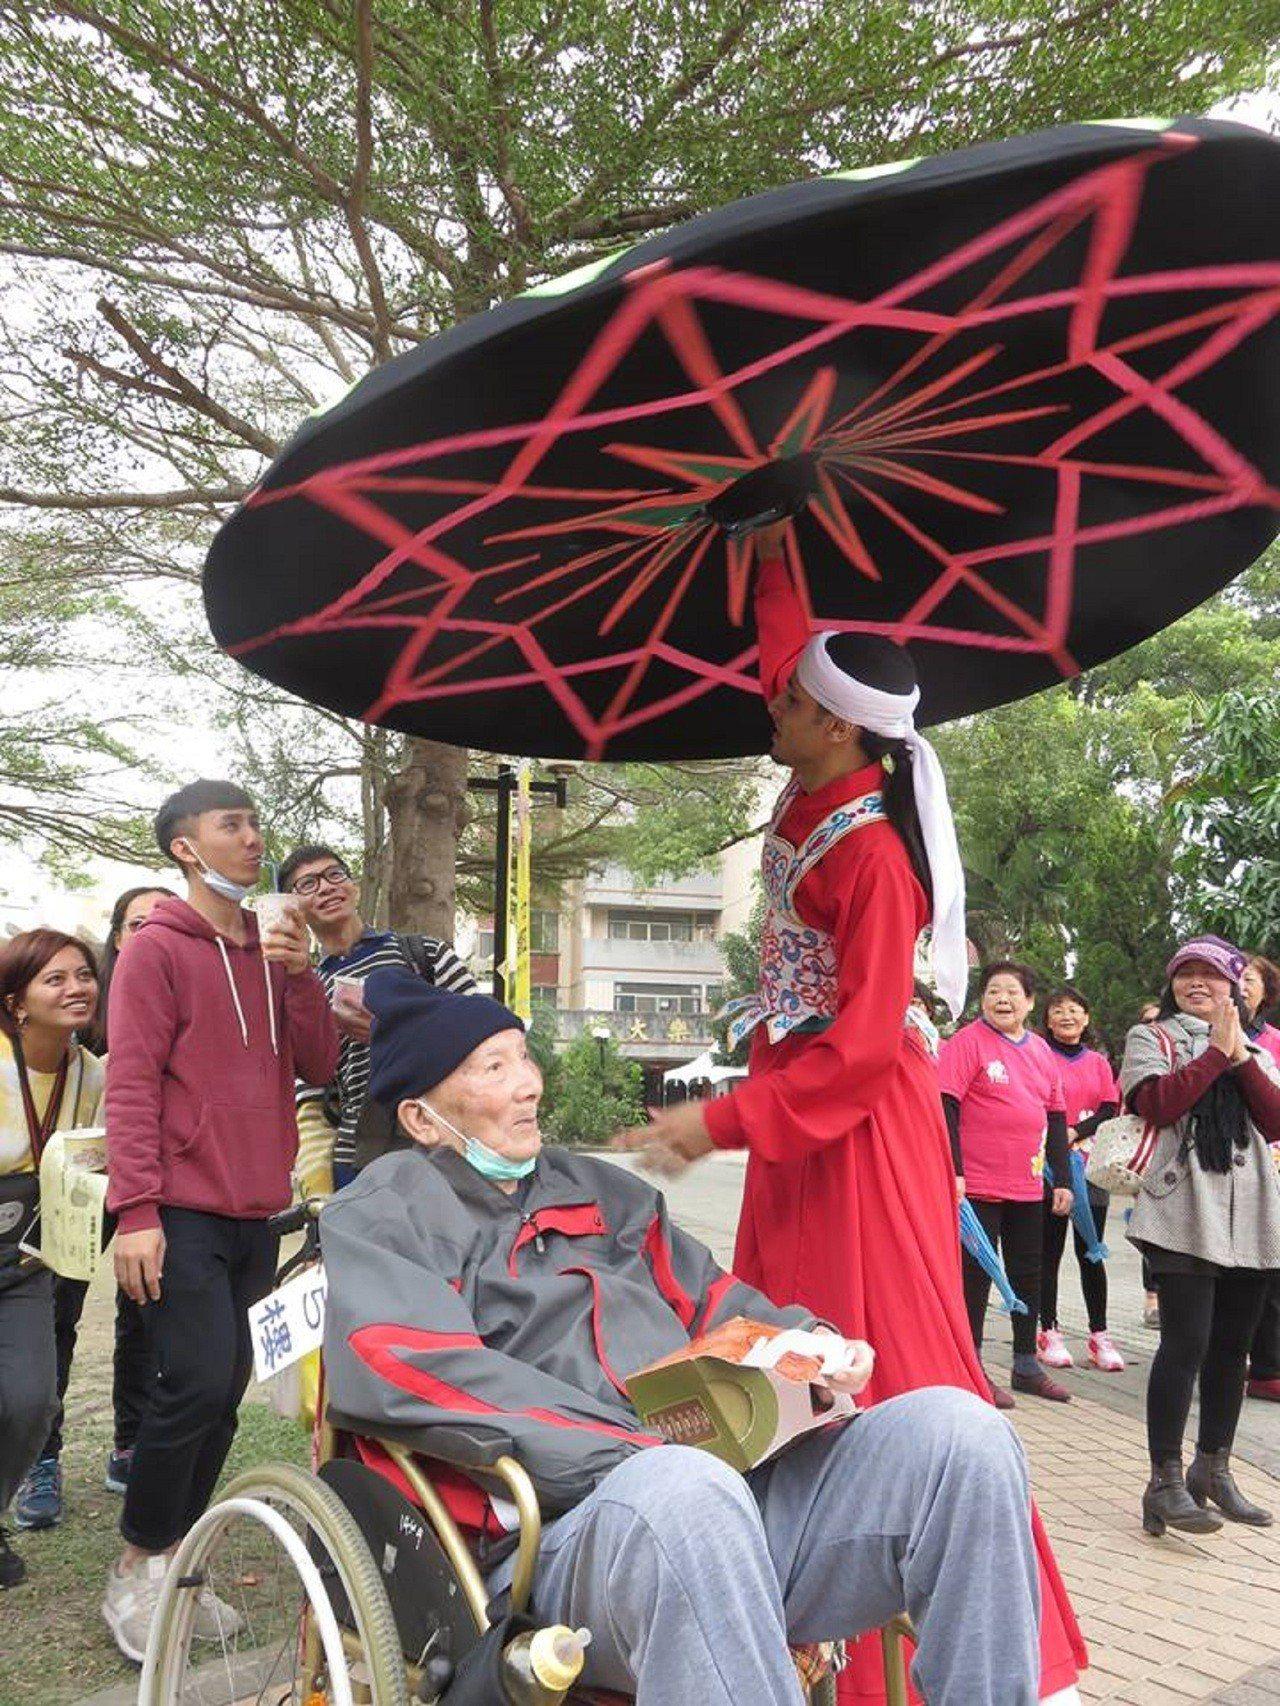 來自埃及的何穆(站立者)曾到南區老人之家公益演出。圖/蔡順柔提供